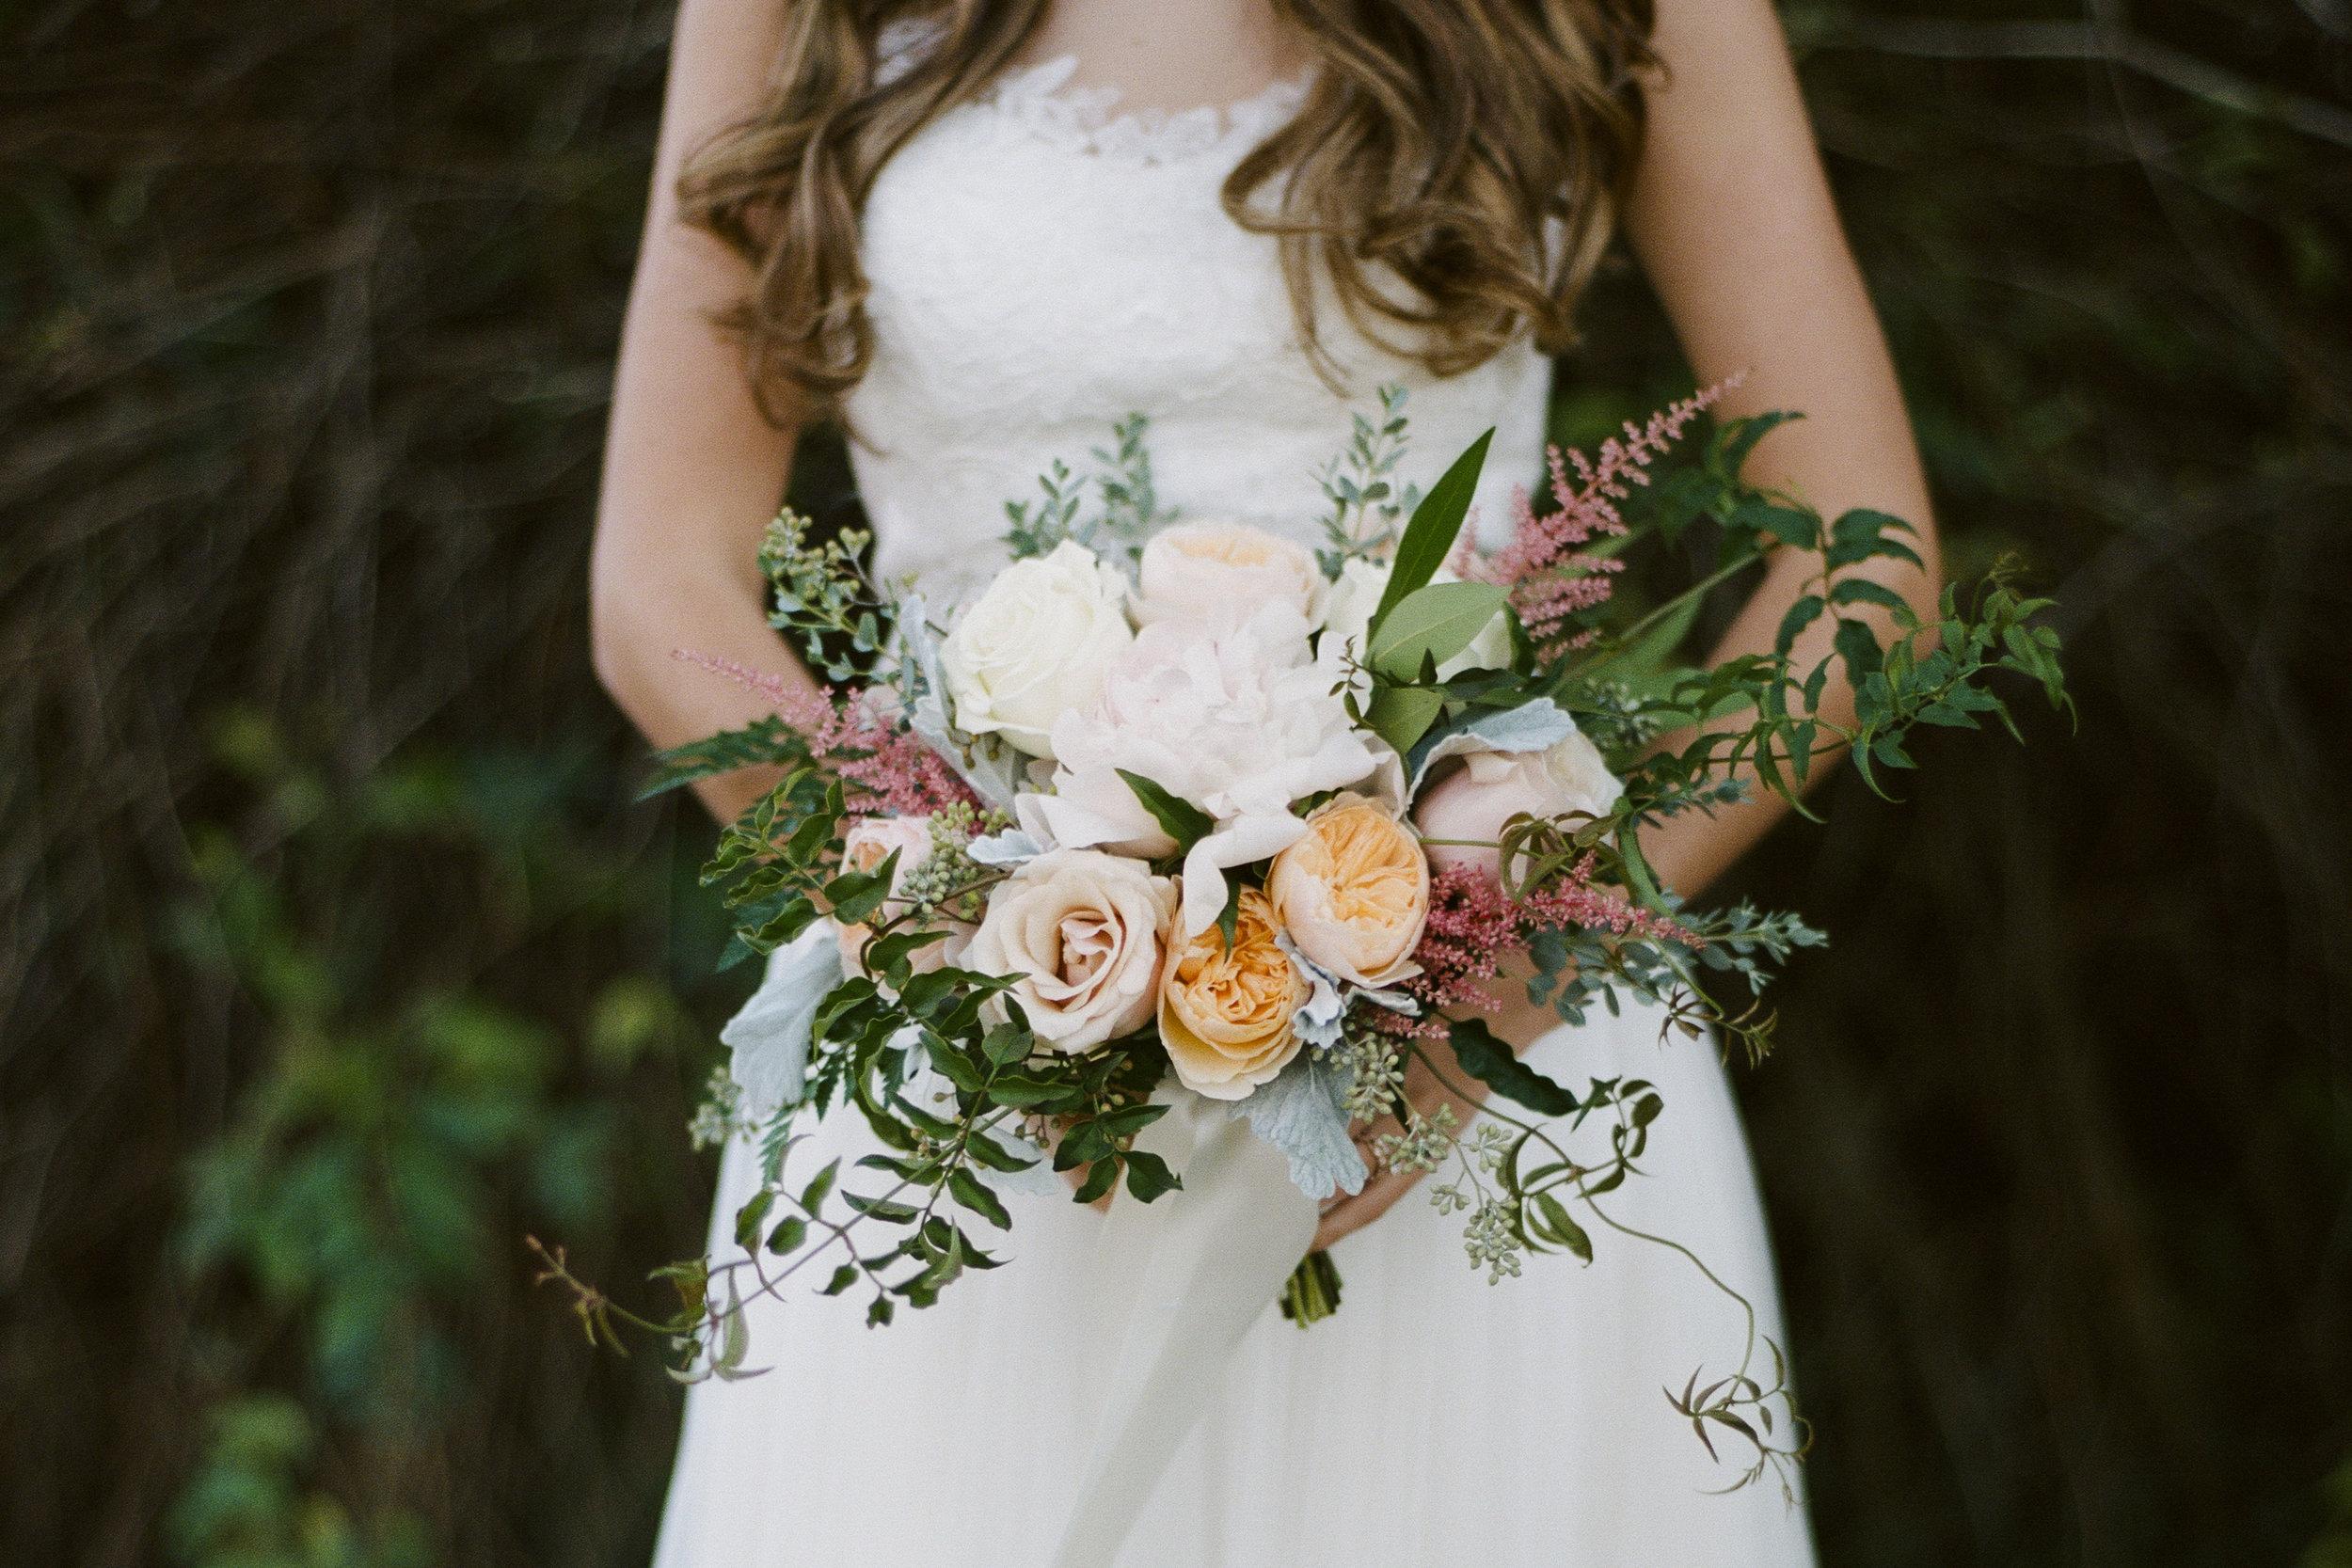 blush_peach_bridal_bouquet-flower_farm_inn_loomis_violette_fleurs.jpg